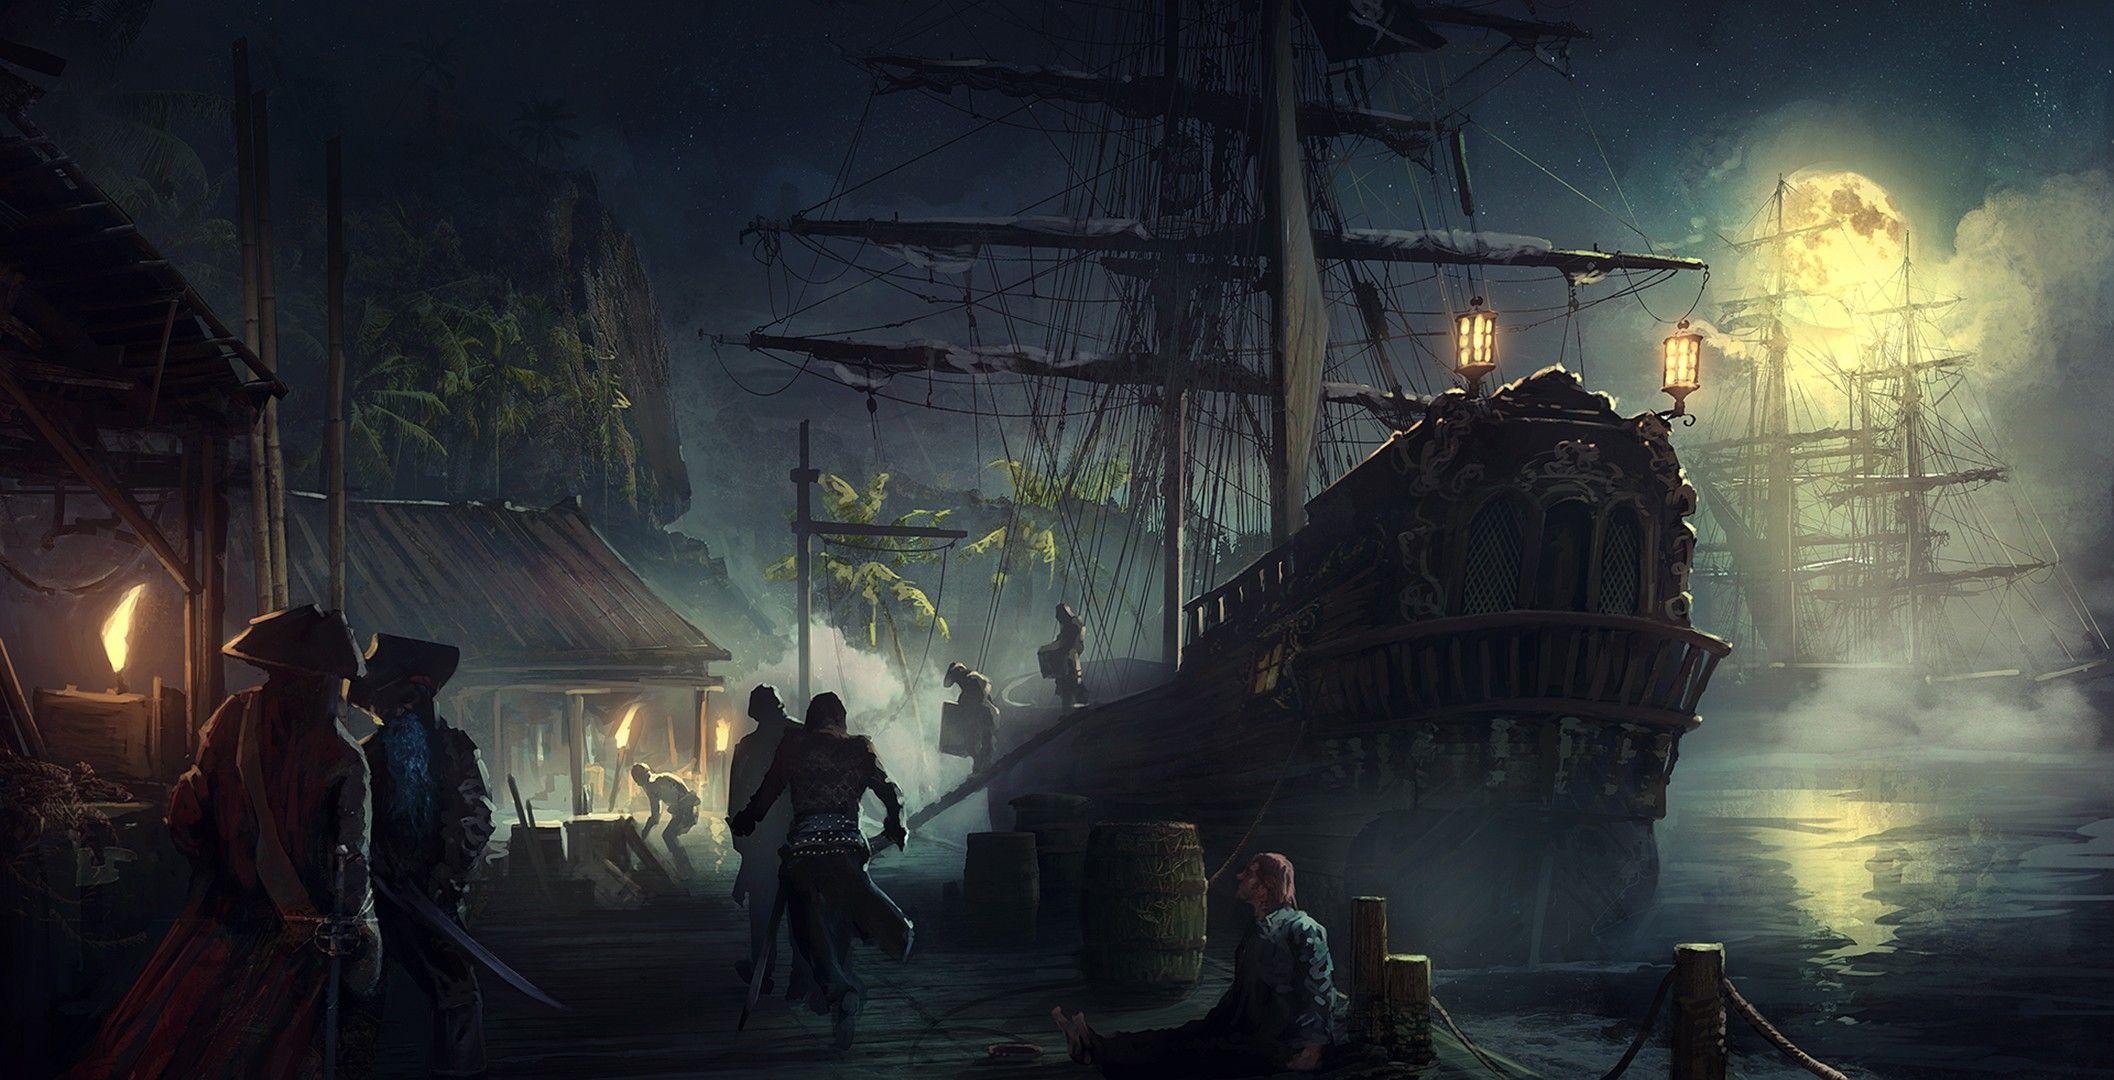 Для группы, картинки портов фэнтези